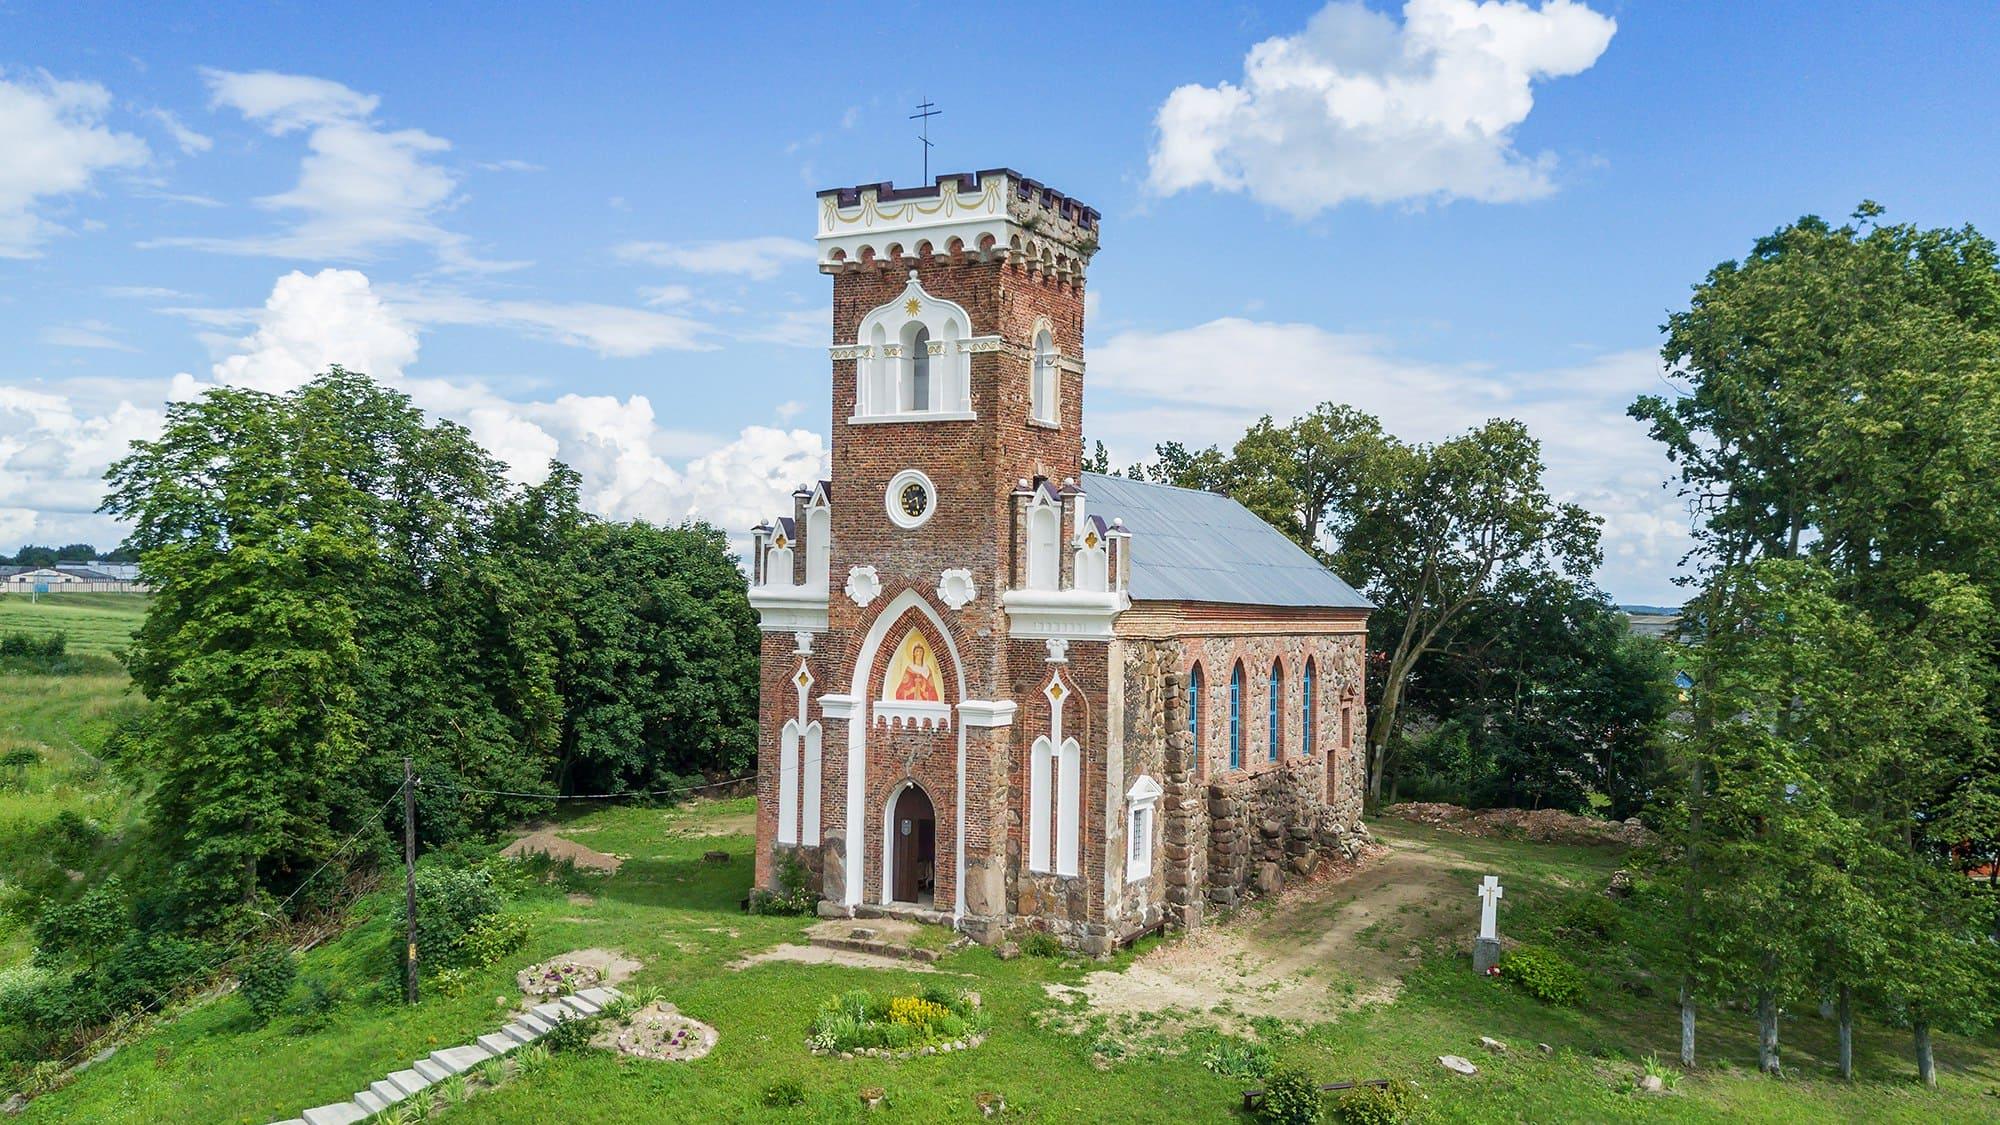 Возле готического костела были обнаружены жертвы